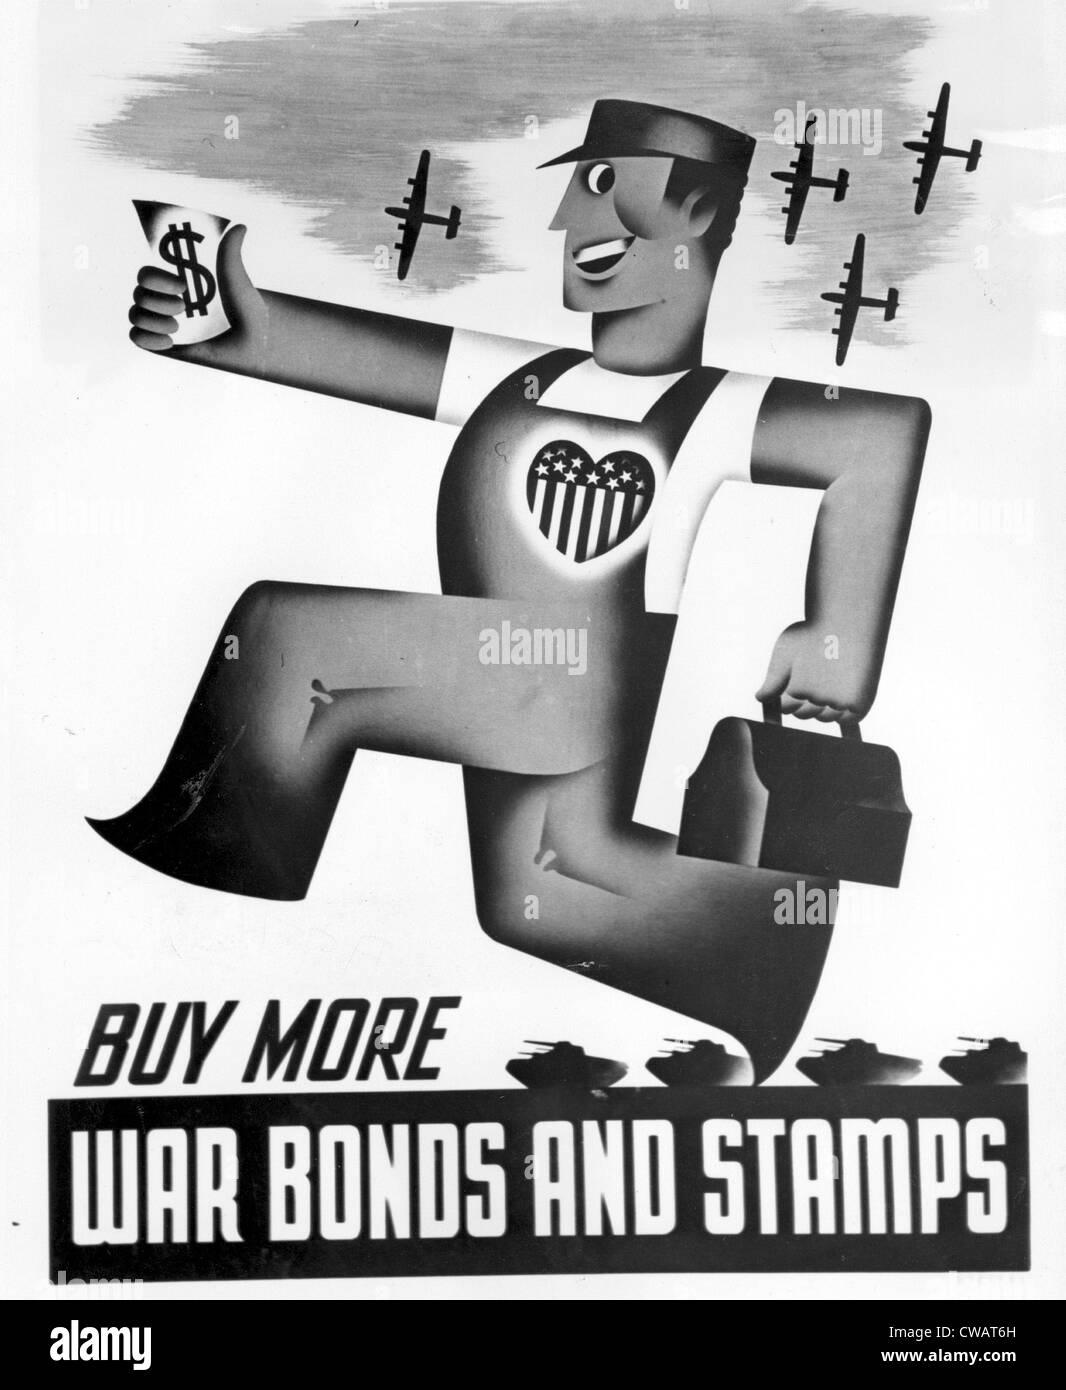 La II guerra mondiale, guerra bond poster, New York News Bureau, 1942. La cortesia: CSU Archivi / Everett Collection Immagini Stock